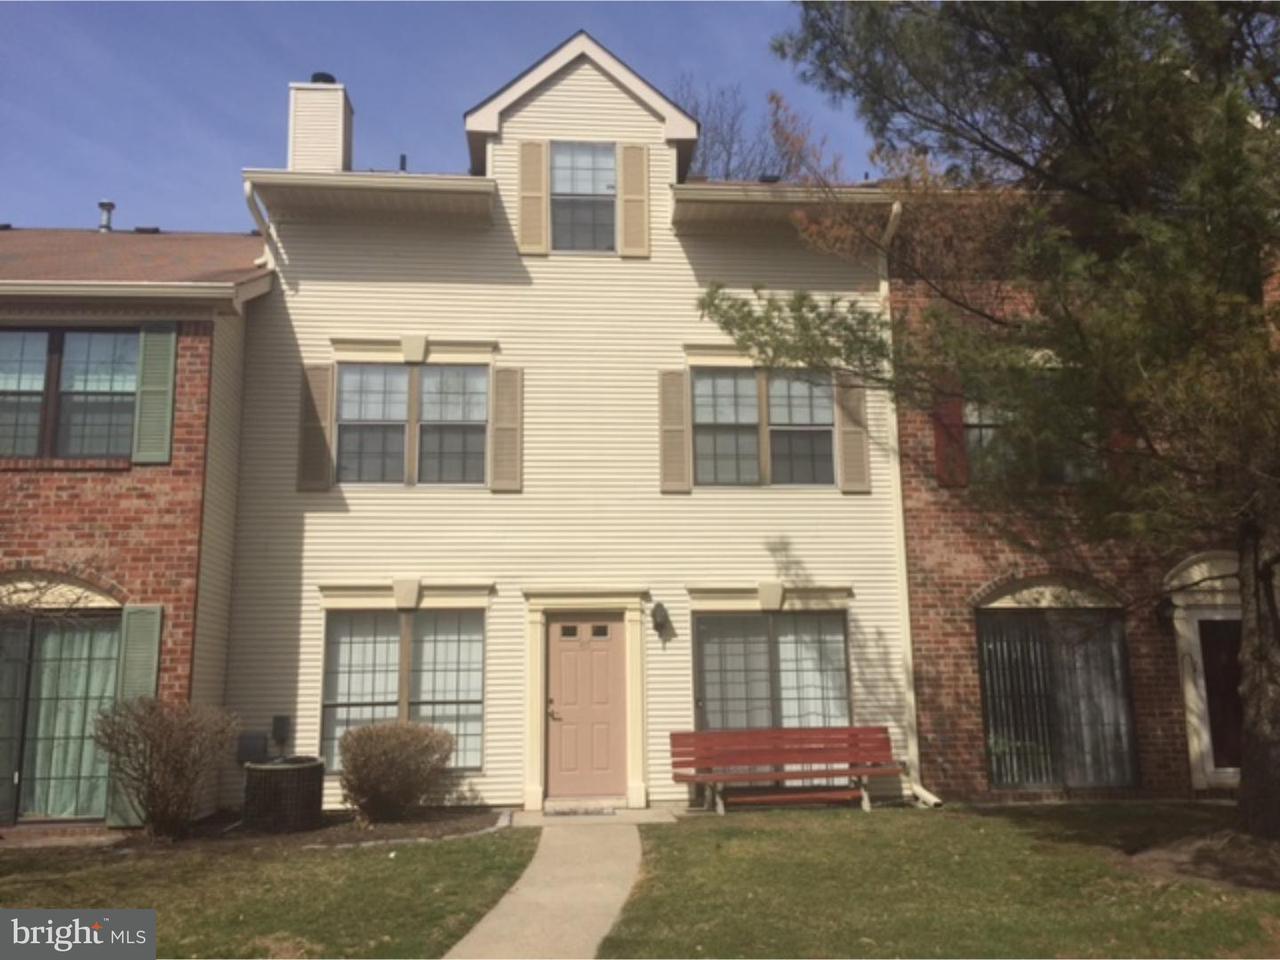 Appartement en copropriété pour l à louer à 67 DREWES Court Lawrenceville, New Jersey 08648 États-UnisDans/Autour: Lawrence Township